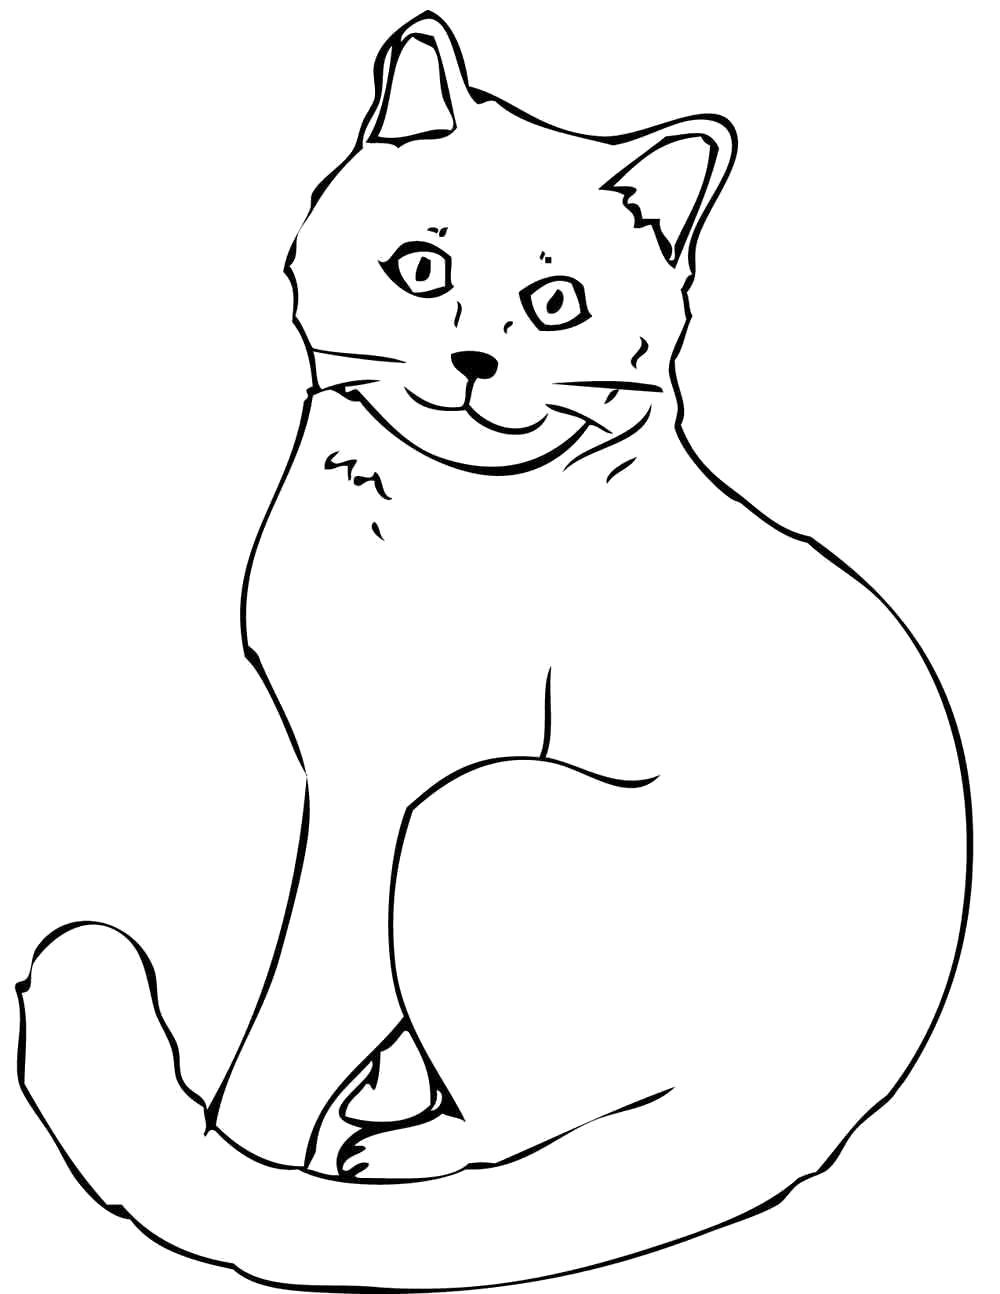 Раскраска  кошка обычная. Скачать кошка.  Распечатать Домашние животные